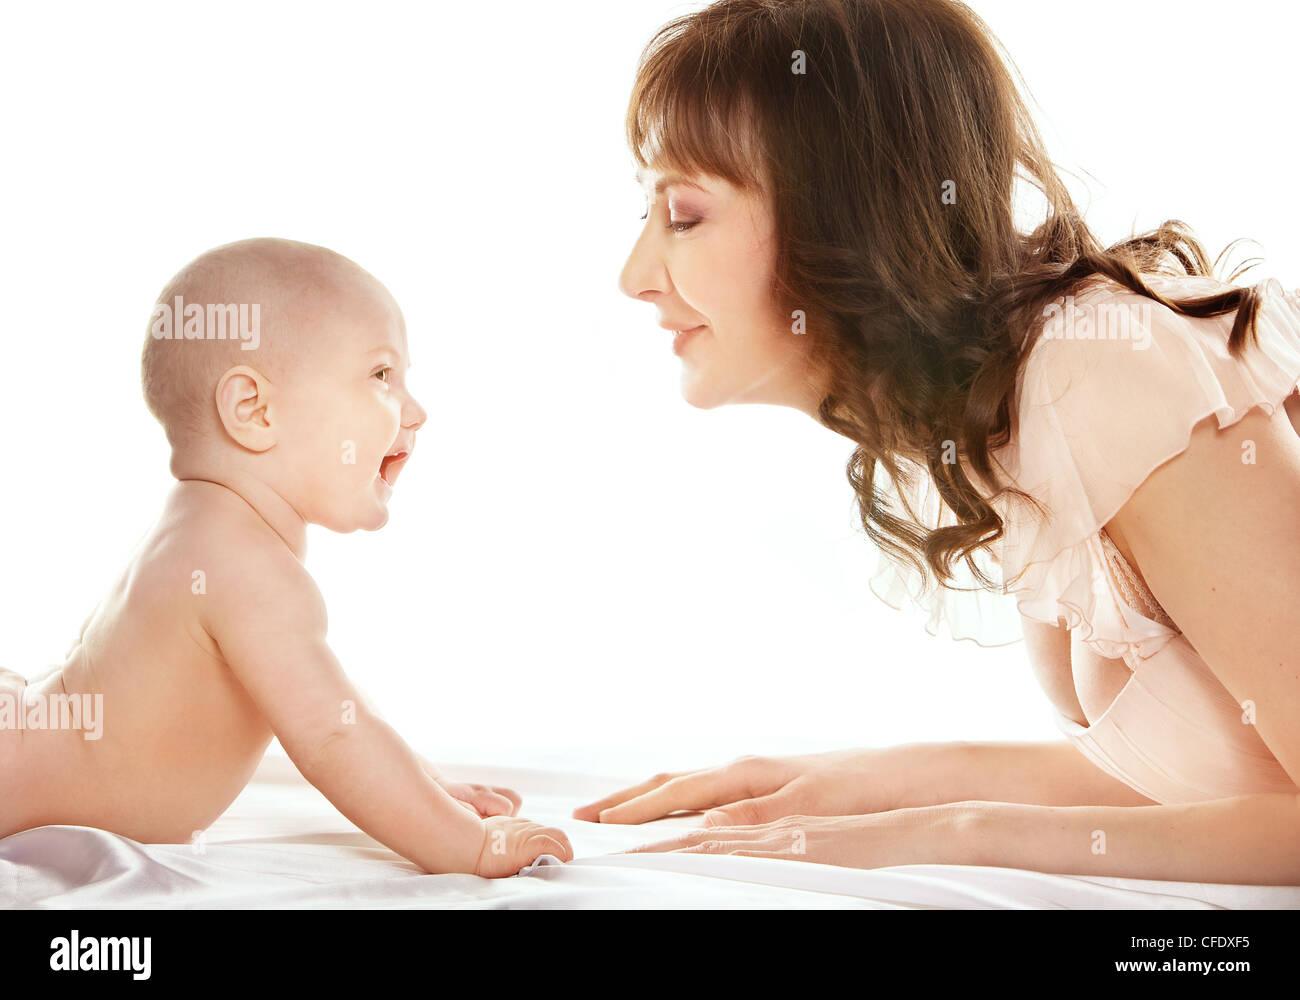 Motherhood - Stock Image